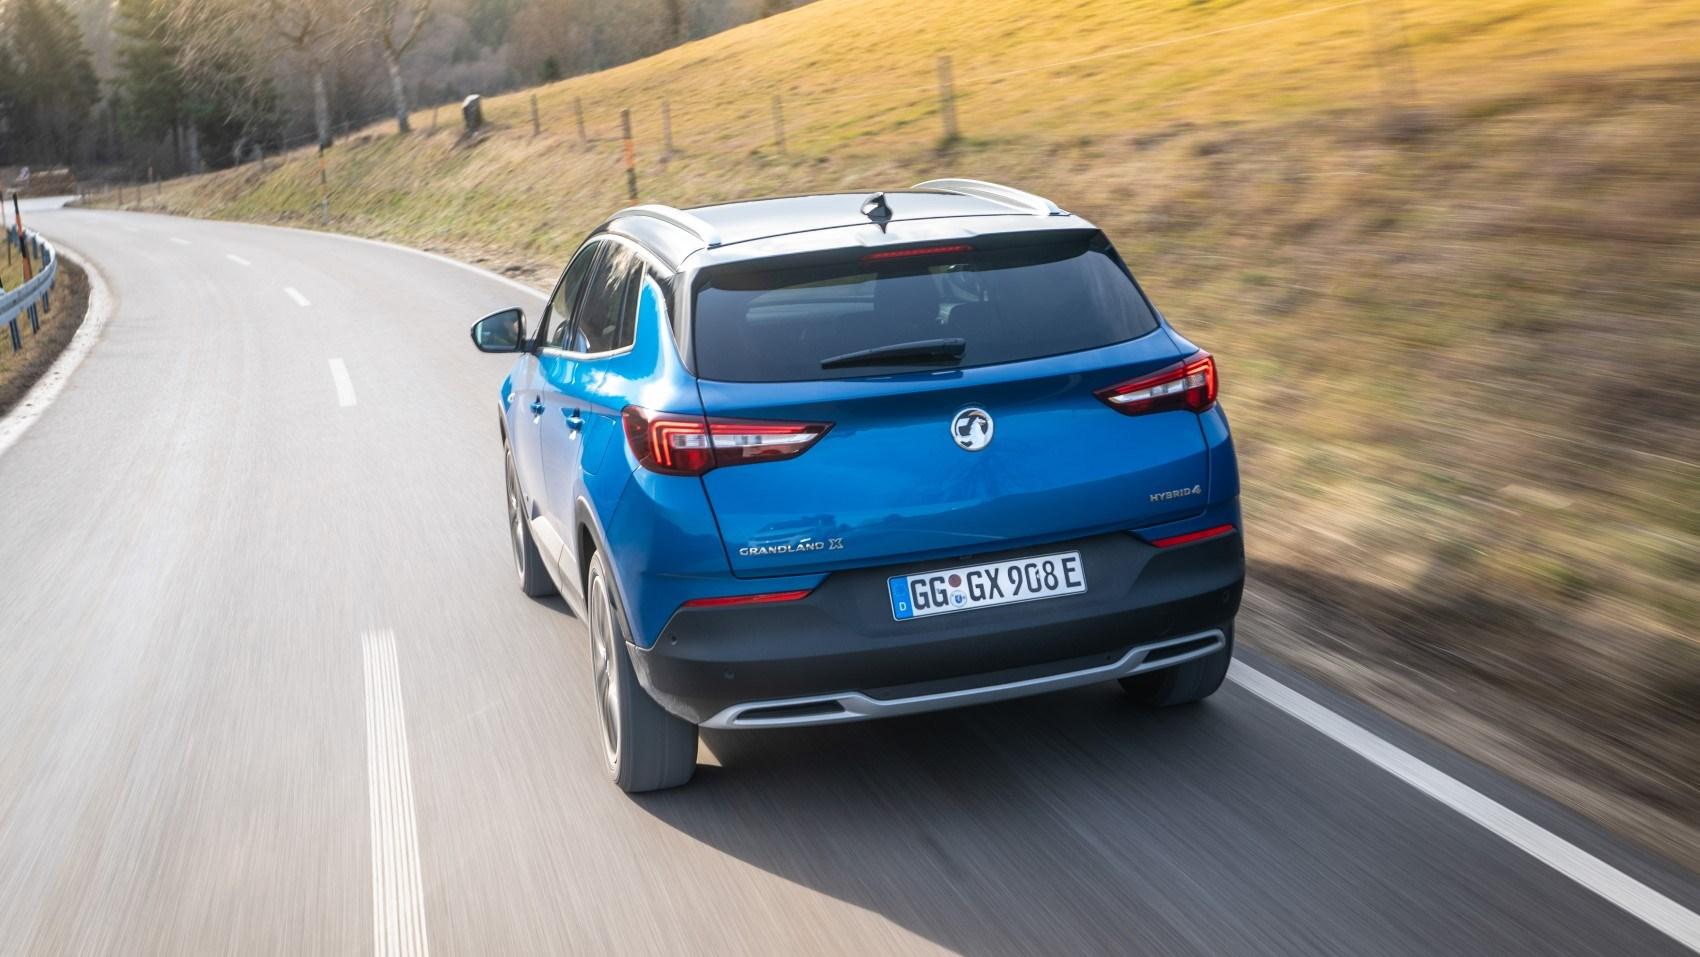 2020 Vauxhall Grandland X Hybrid4, rear dynamic